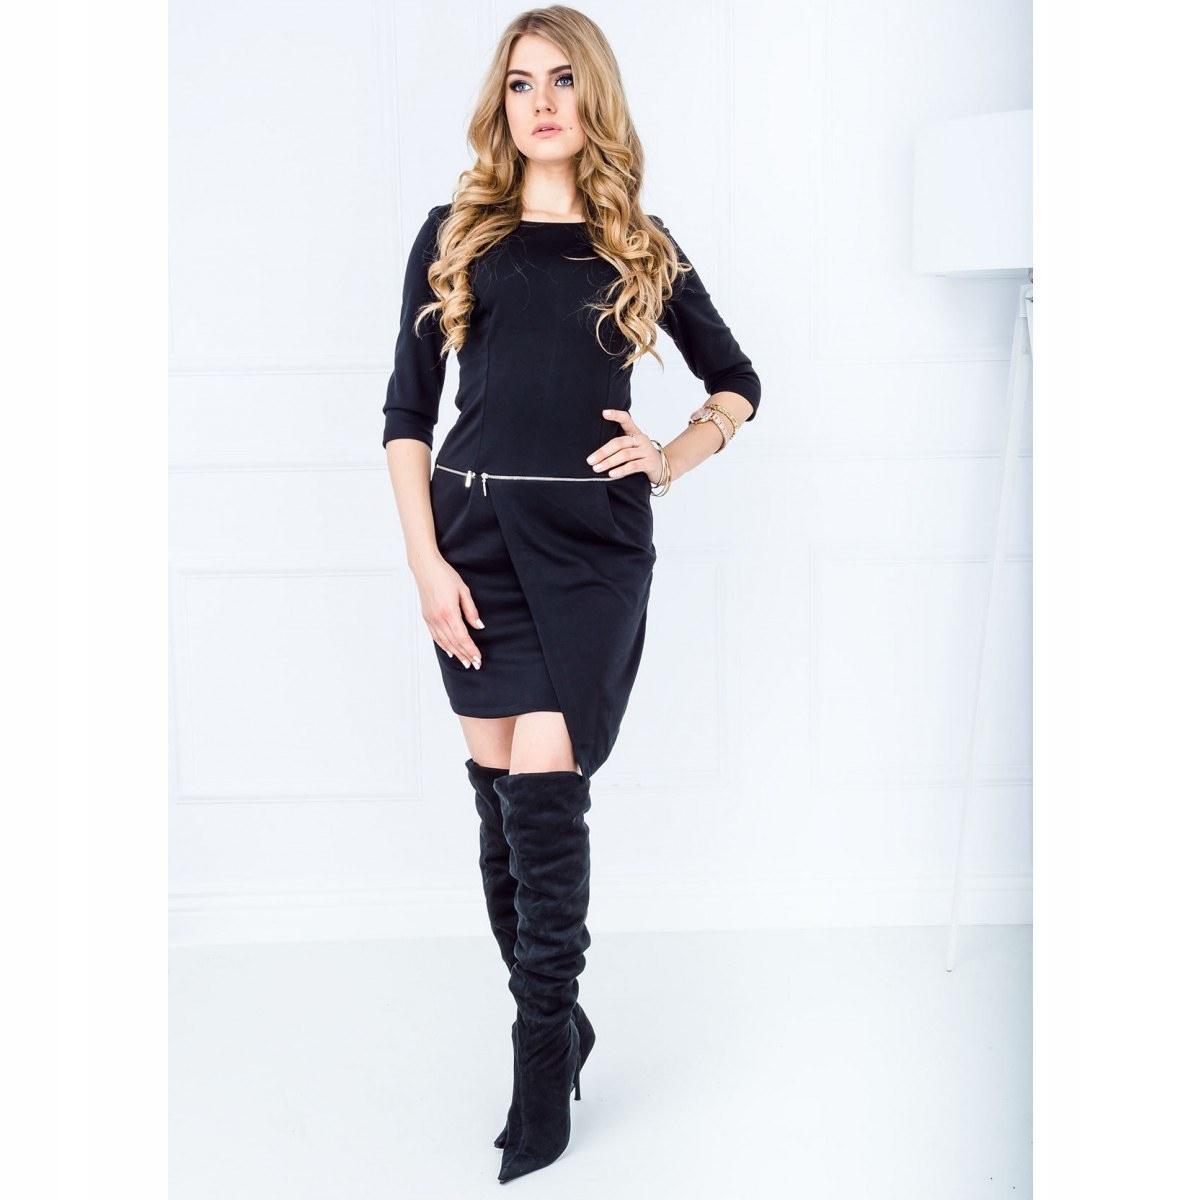 b3cb96f16f Szara asymetryczna sukienka z suwakiem 36 S - 7066923553 - oficjalne ...